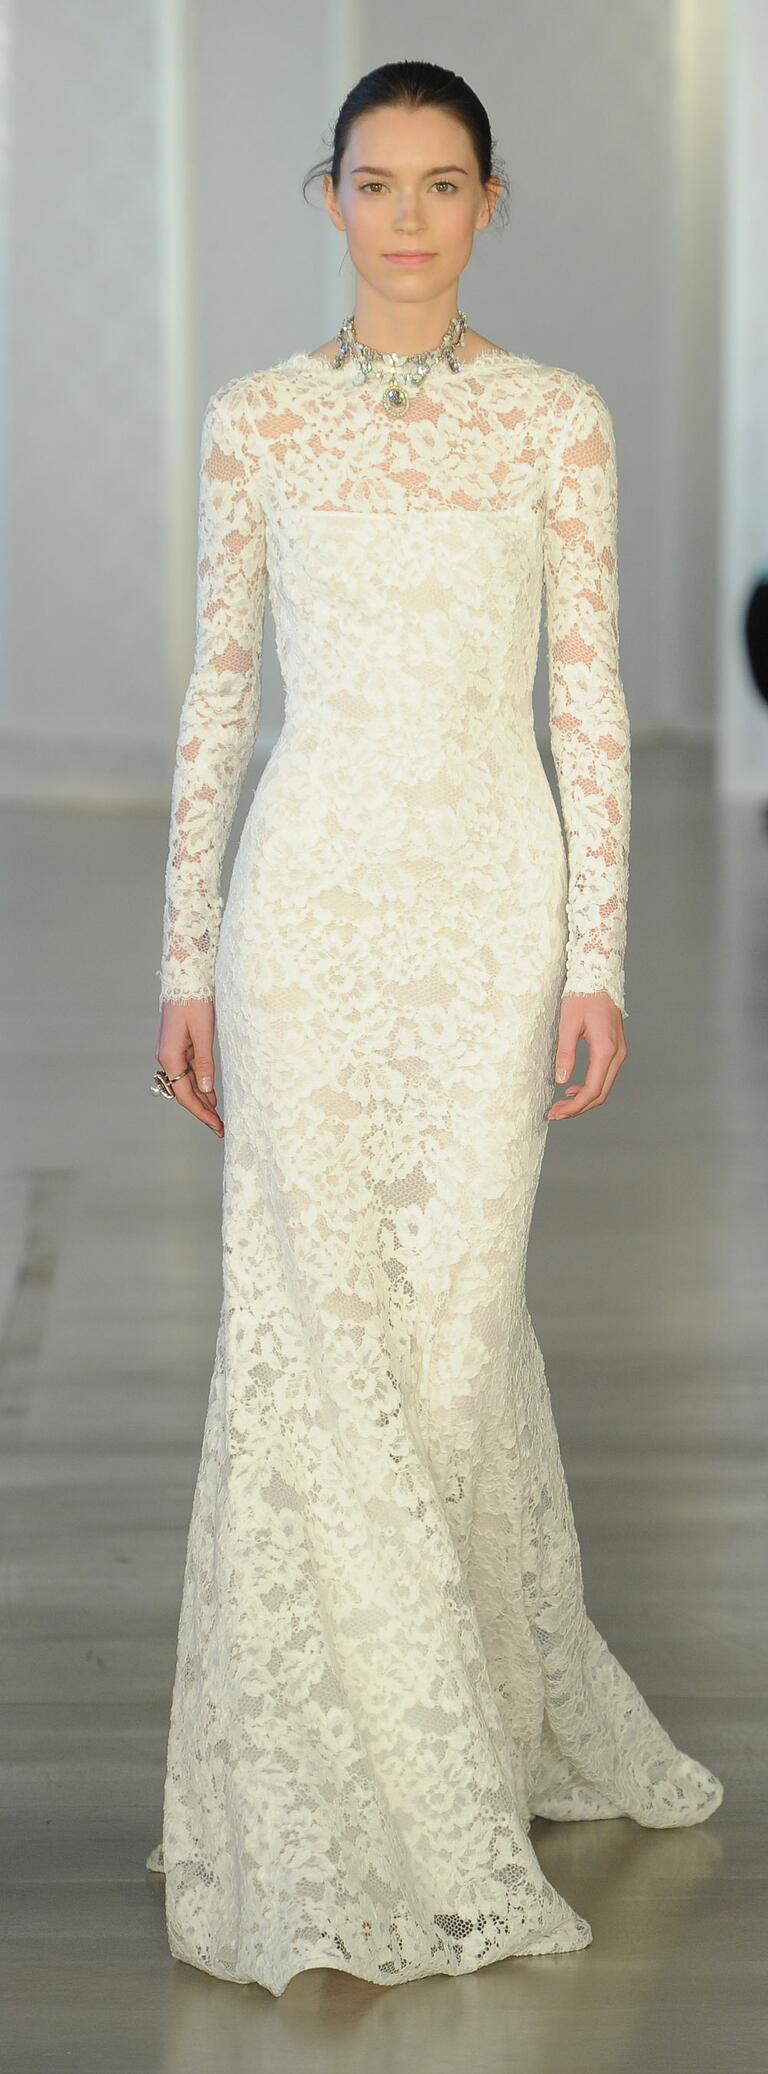 Oscar de la renta spring 2017 collection bridal fashion for Oscar de la renta lace wedding dress